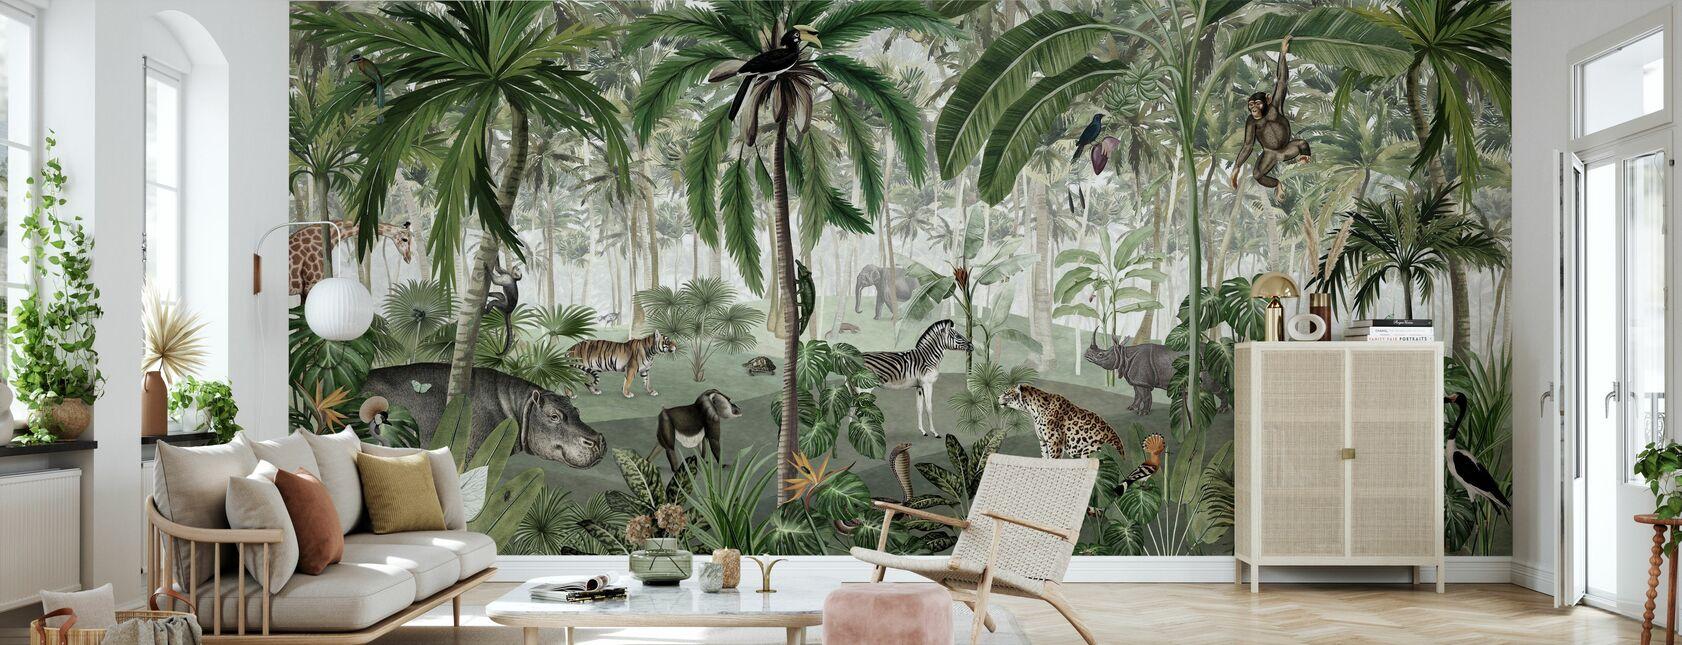 Jungle Lookbook - Tapet - Stue